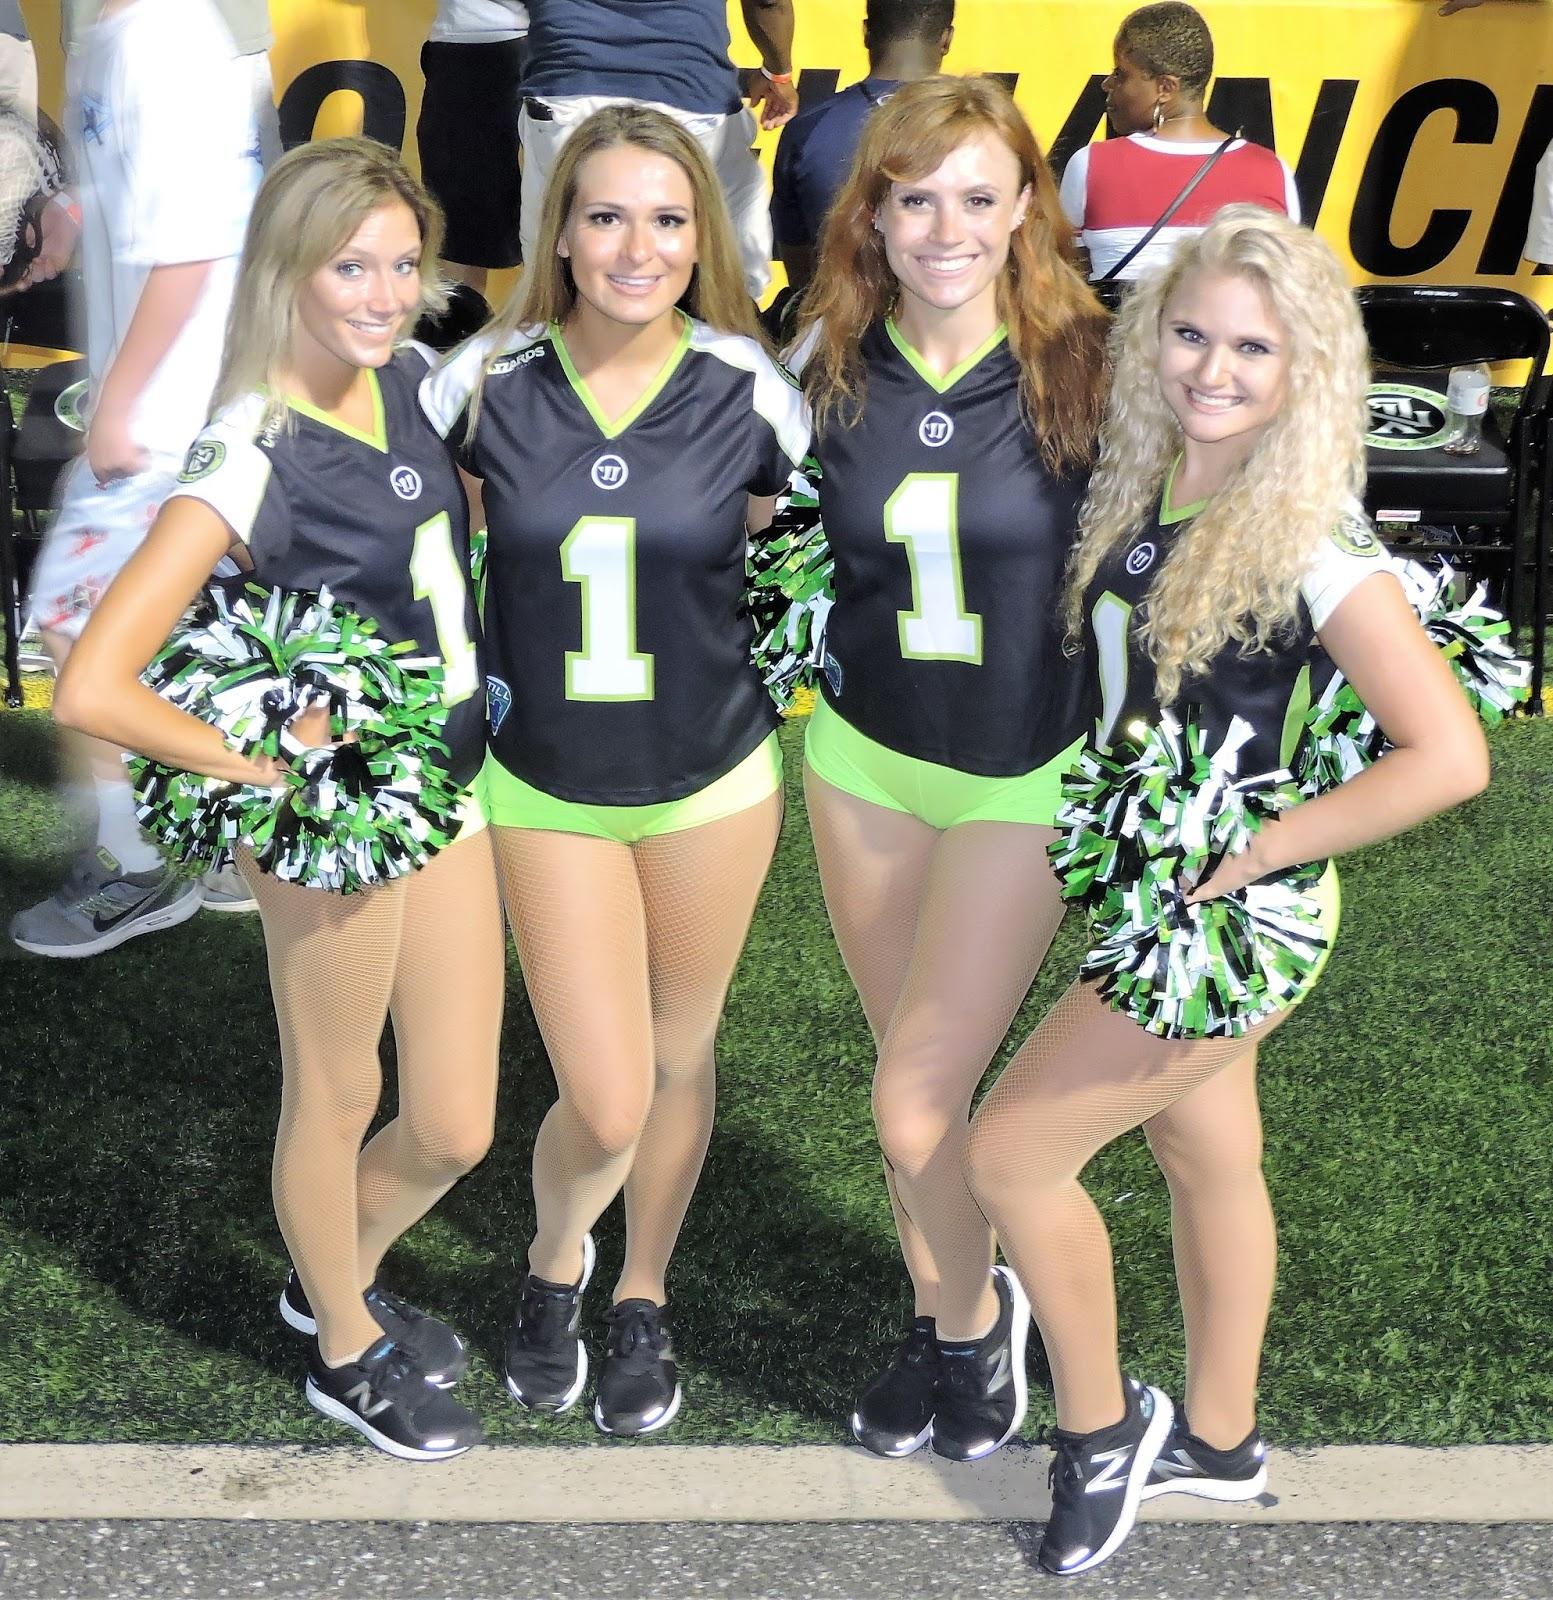 Cheerleader hot college2